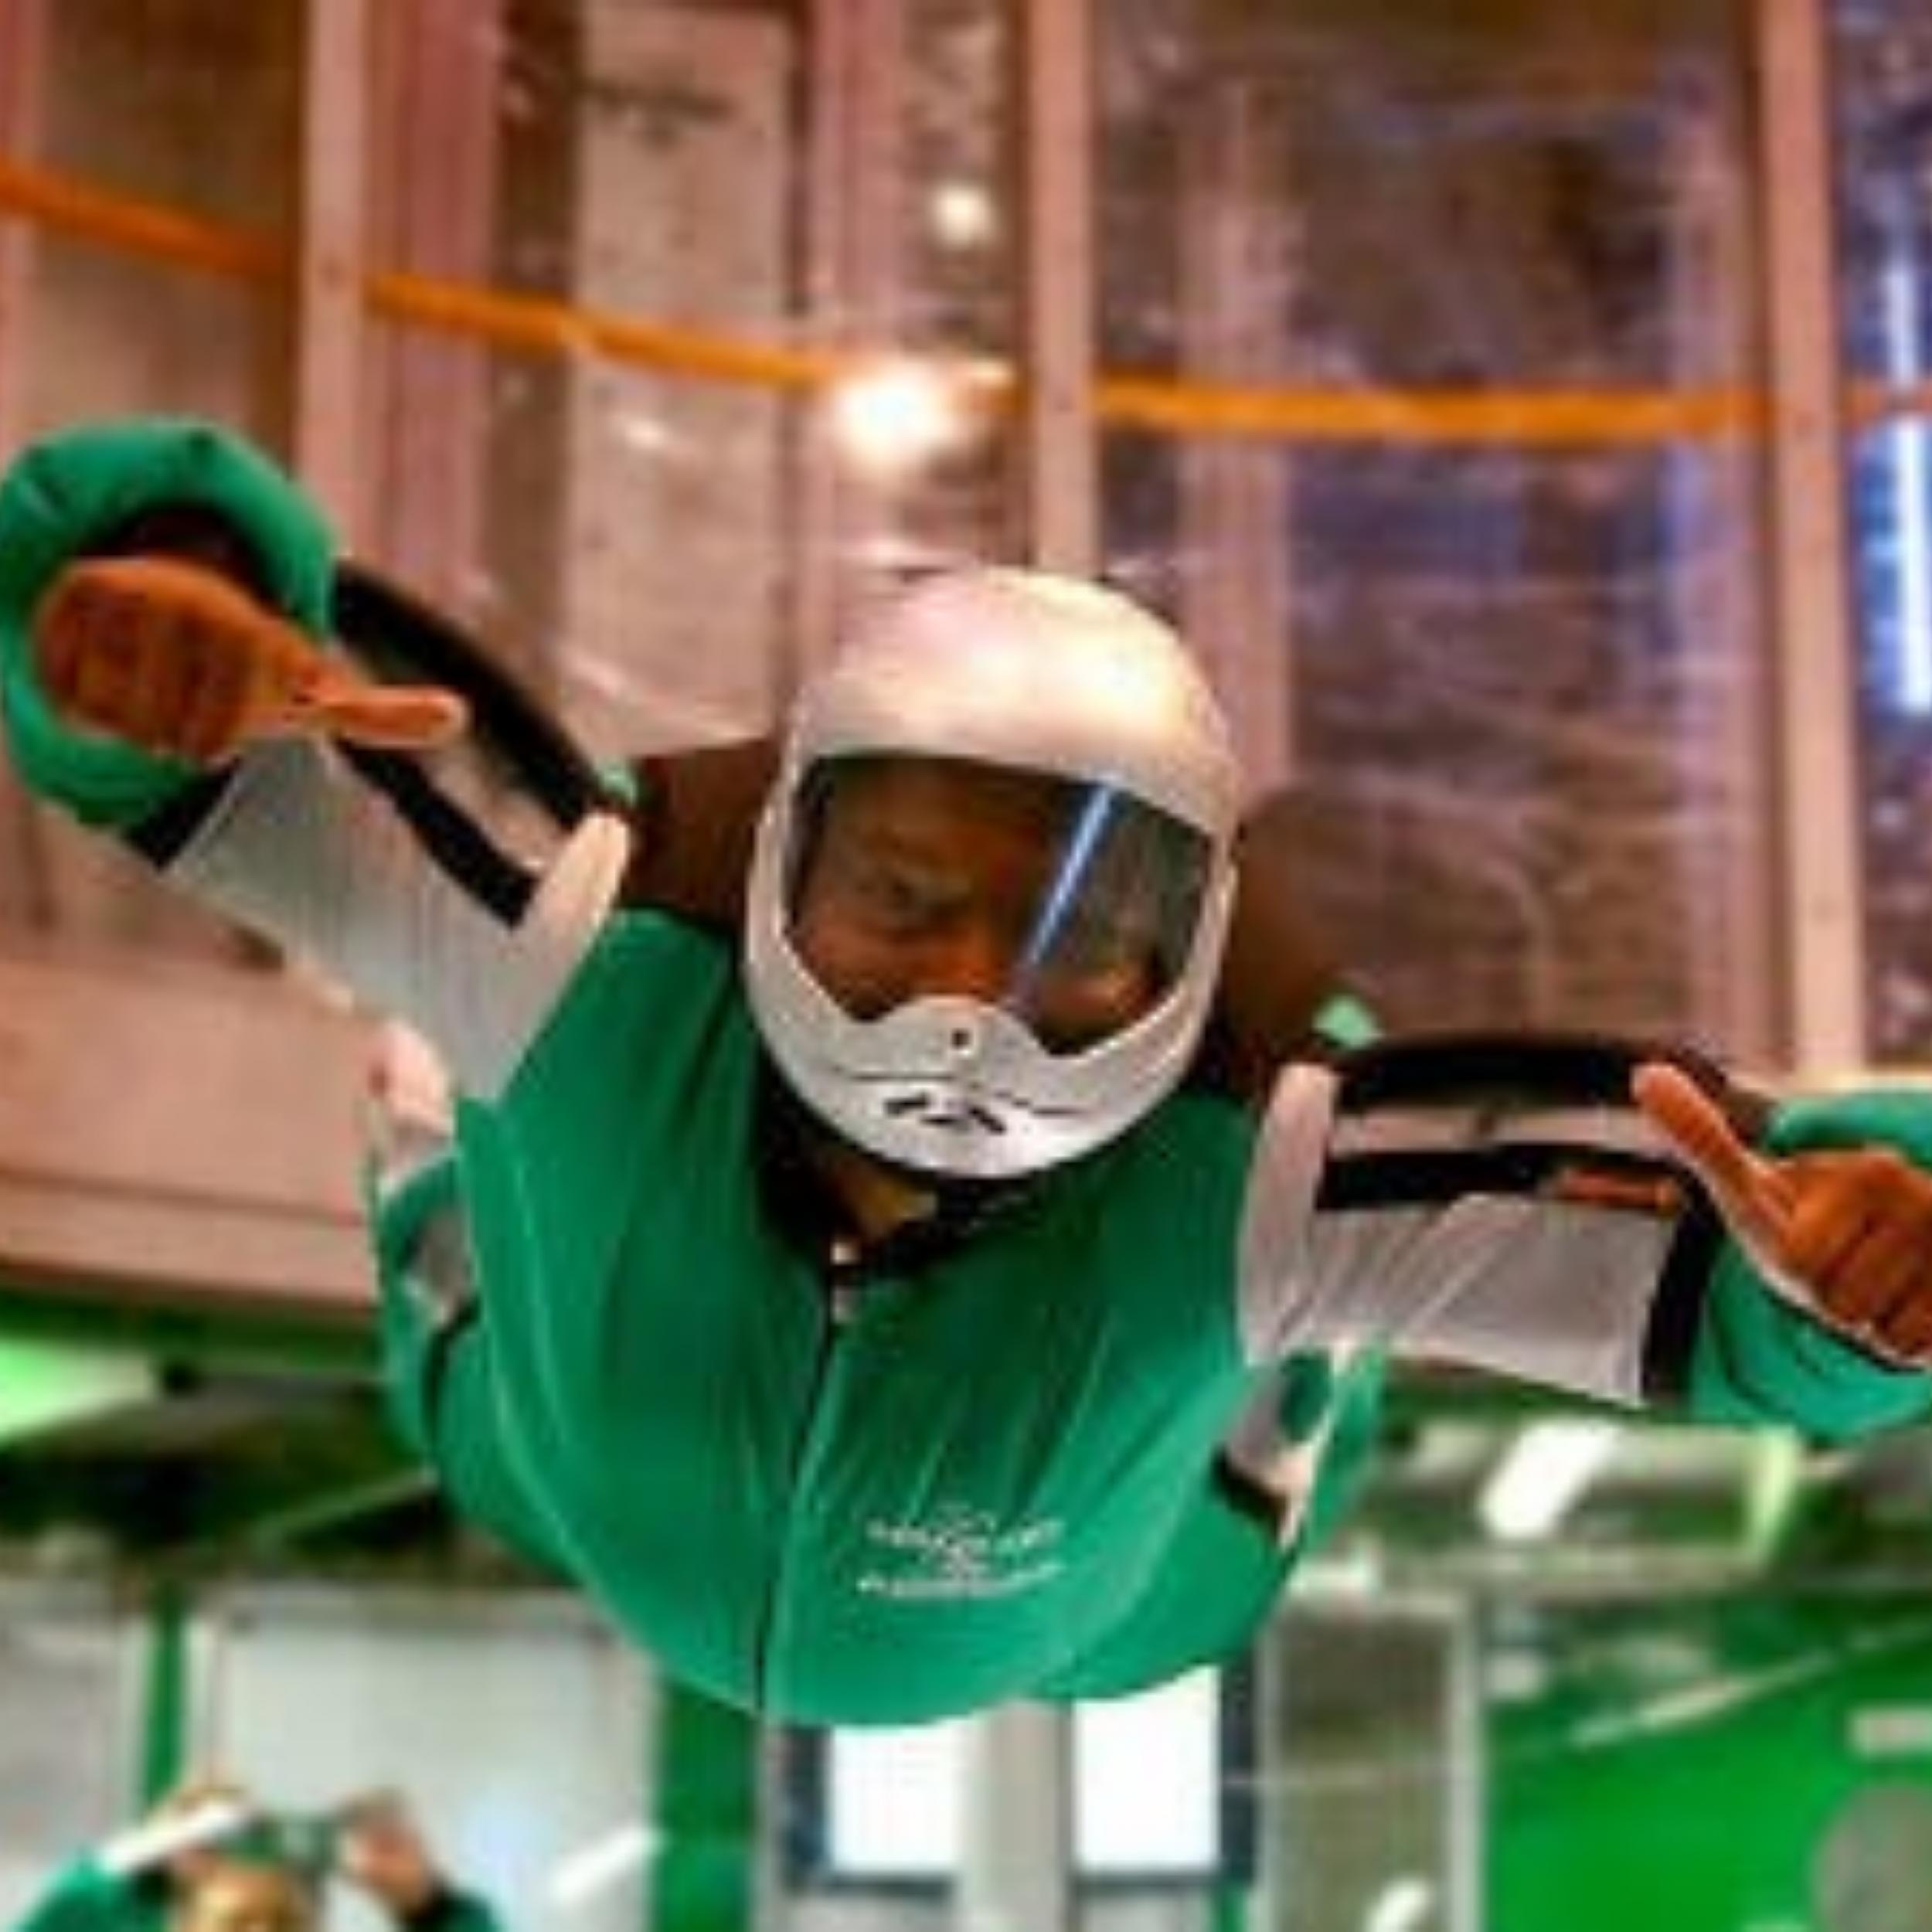 Simulateur de chute libre près de Paris Ouest